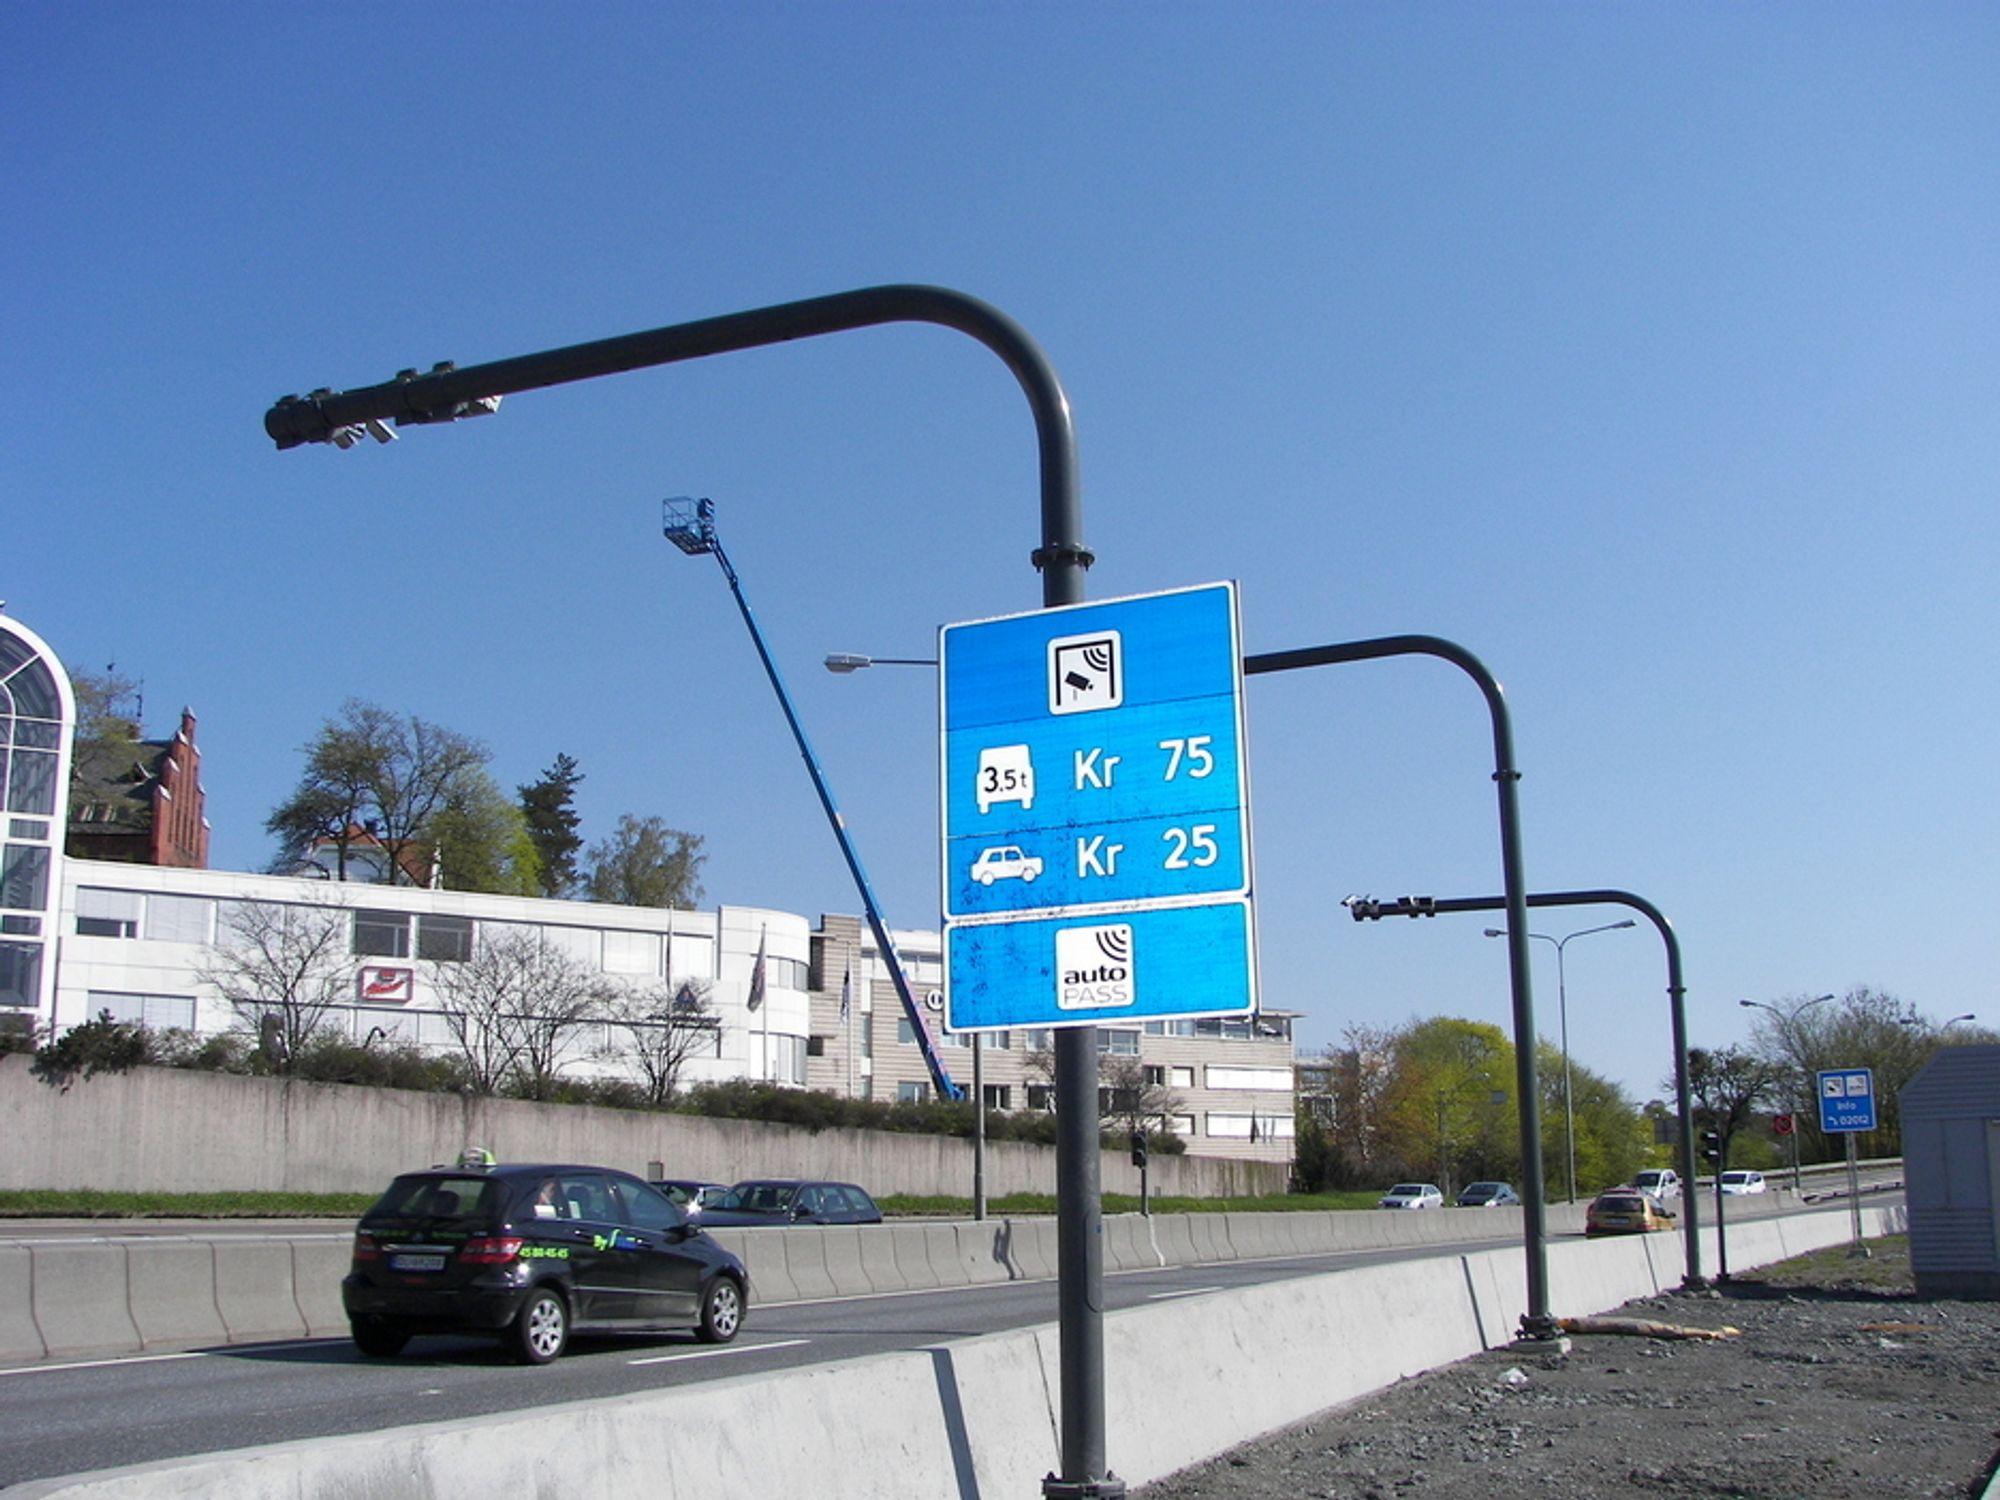 Vedlikeholder Autopass-anleggene i Oslo-området